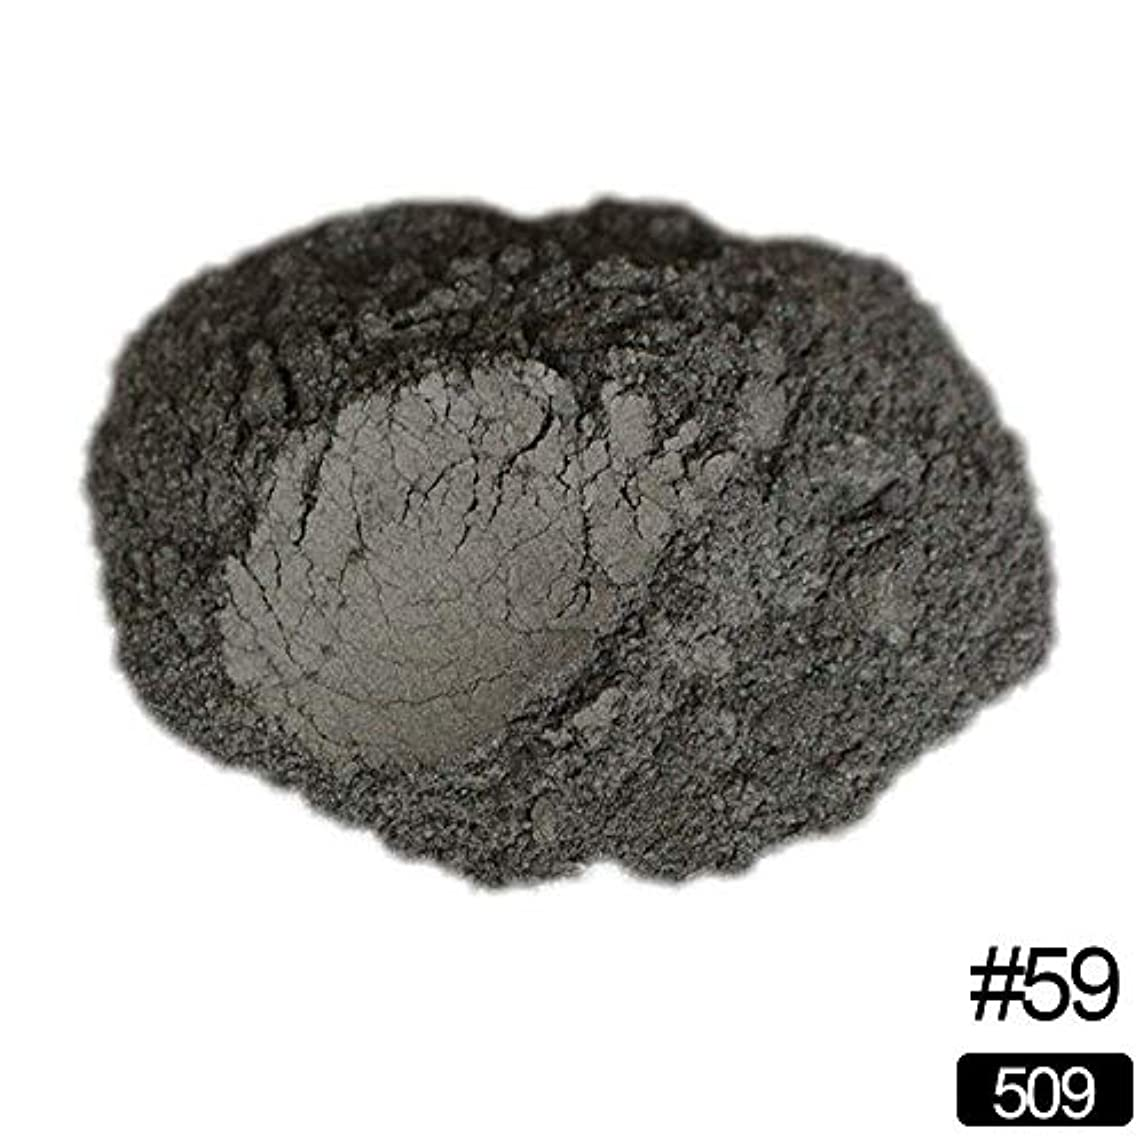 アニメーション原子炉フィットBETTER YOU (ベター ュー) 夏のアイシャドウ、口紅、フリッカー、カラフル、崩れない、ぼかしやすい、69色 目、唇、フリッカー、ハイライト (I 418)